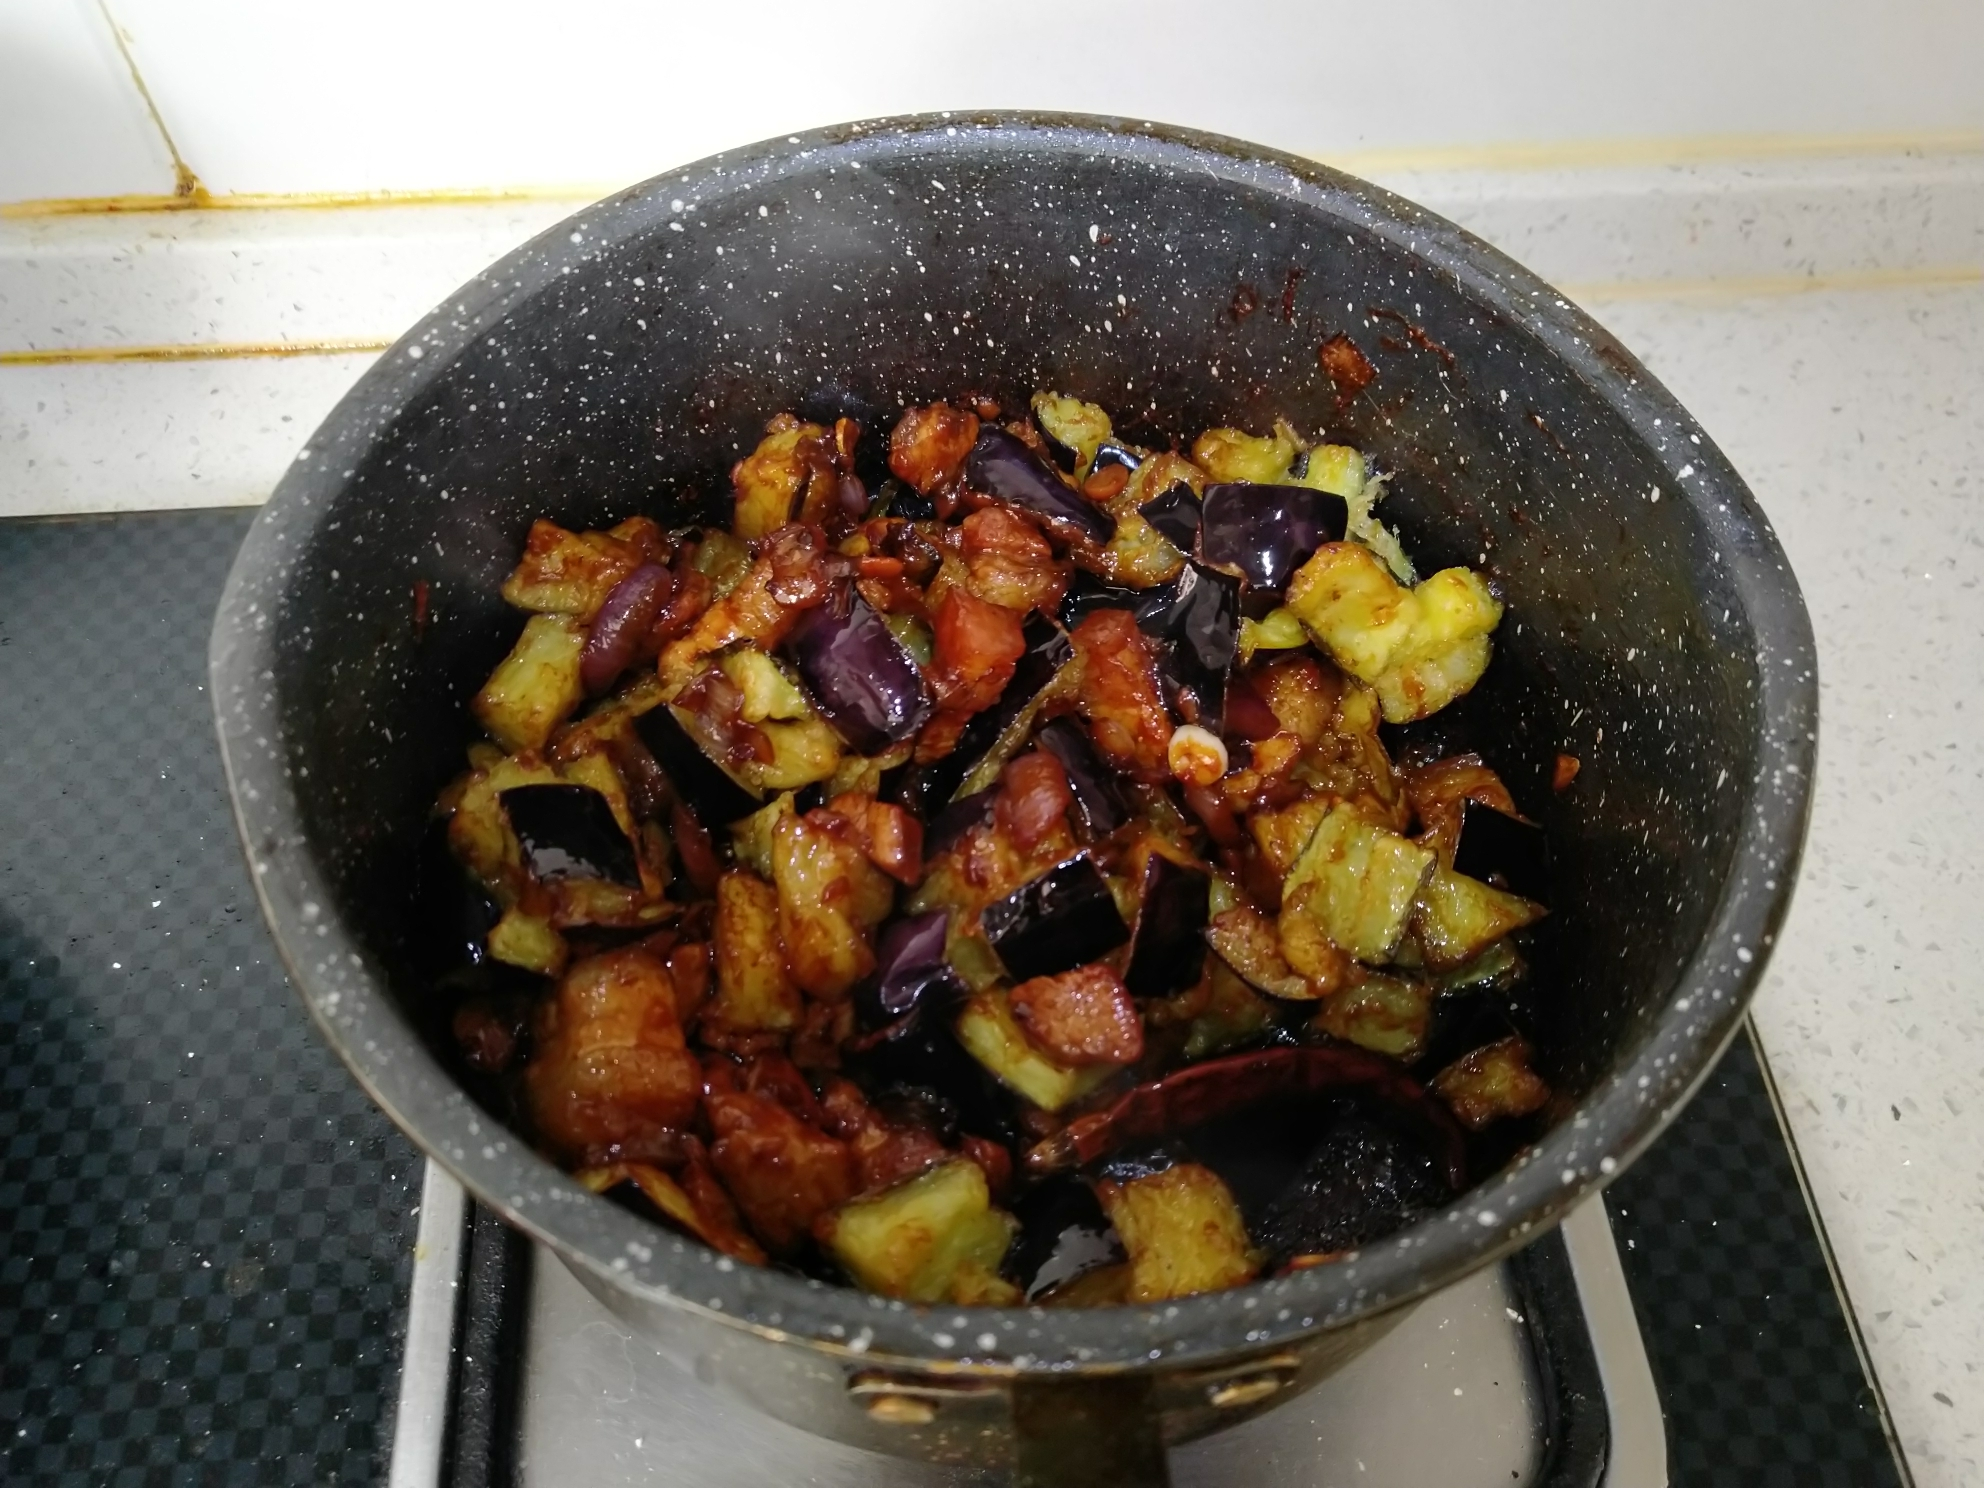 茄丁肉酱面,锅内加入食材一半的热水 大火收汁1分钟即可</p> <p>